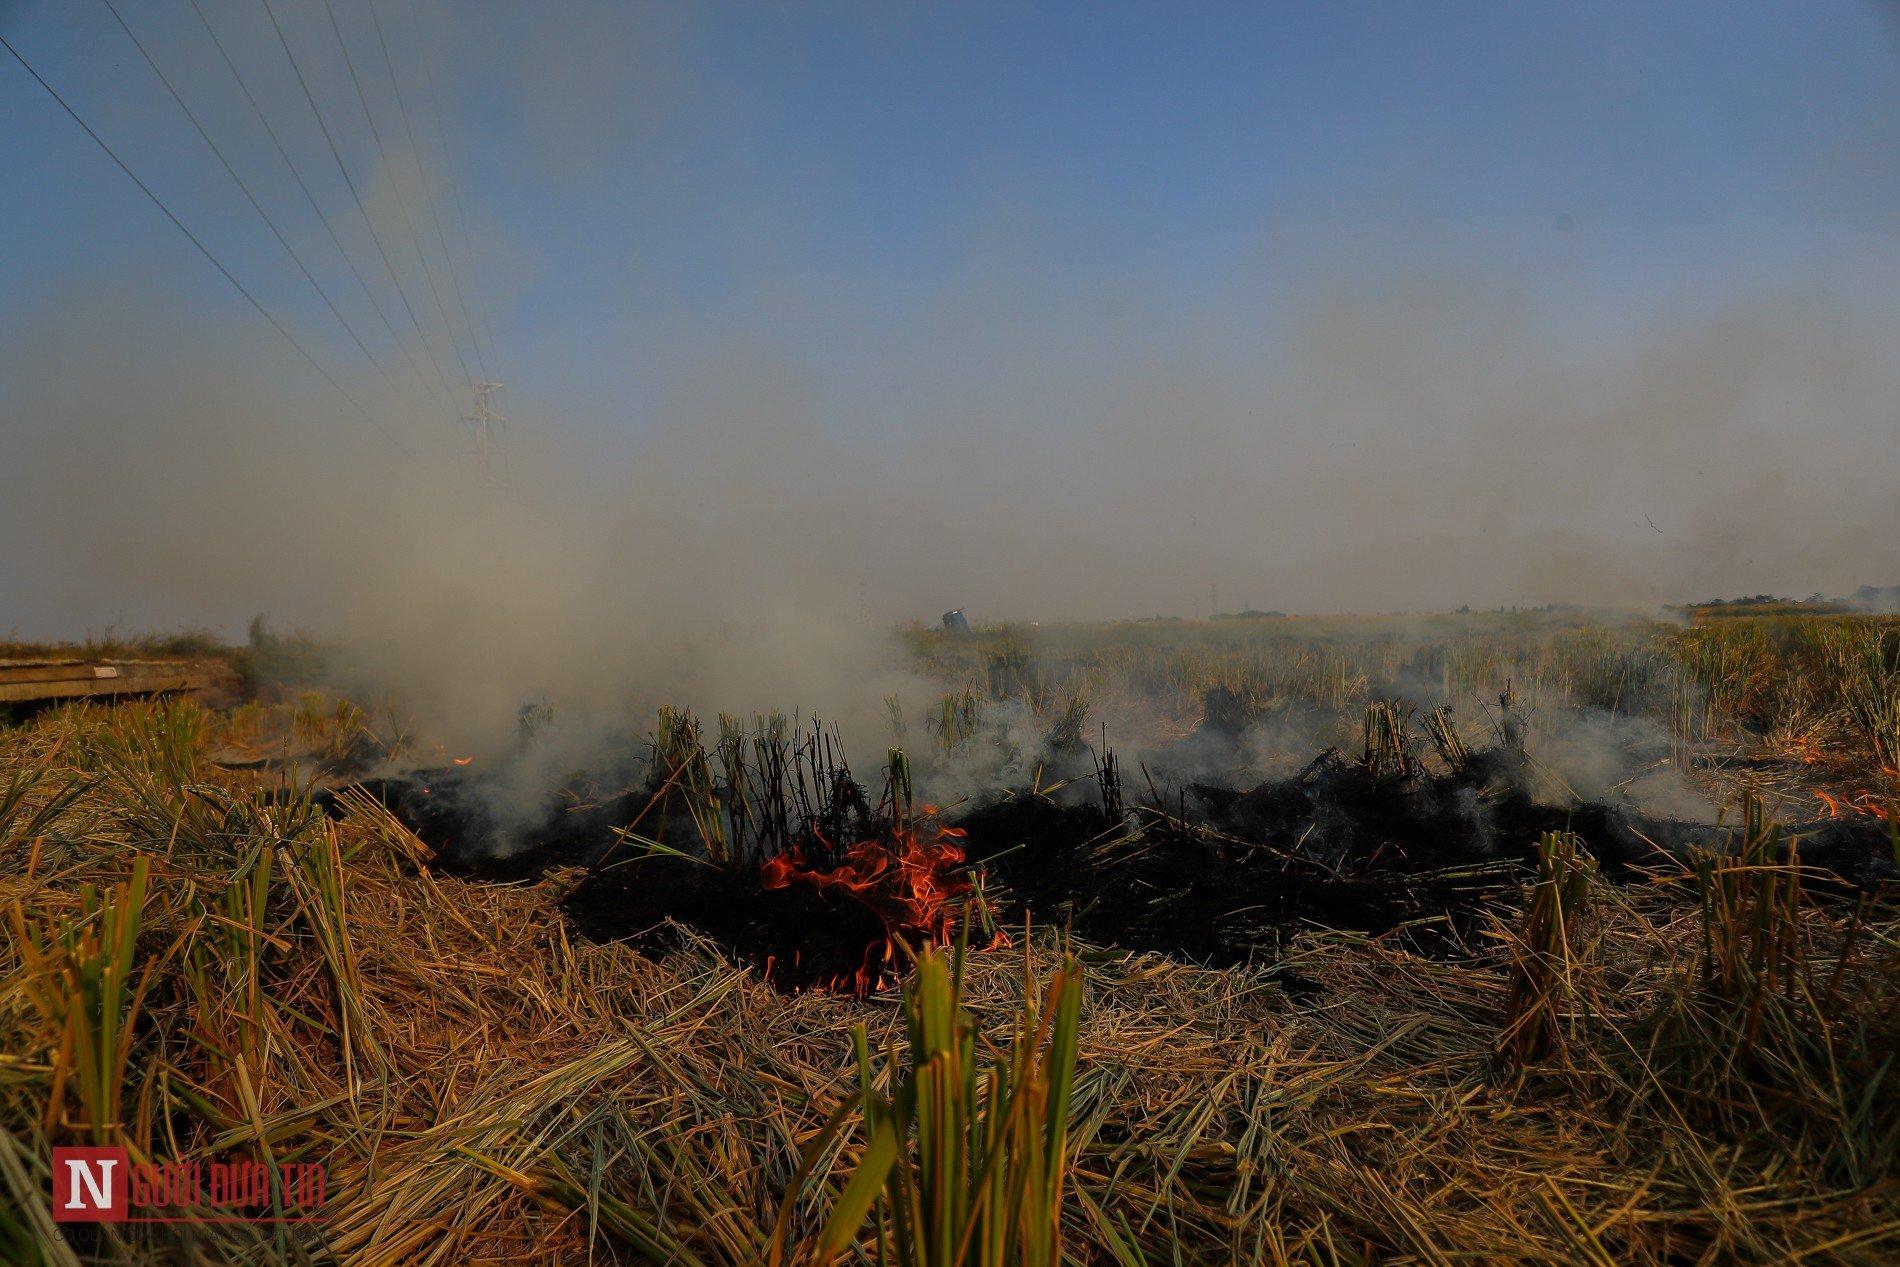 Đi tìm nguyên nhân gây khói bụi kỷ lục tại Hà Nội 2